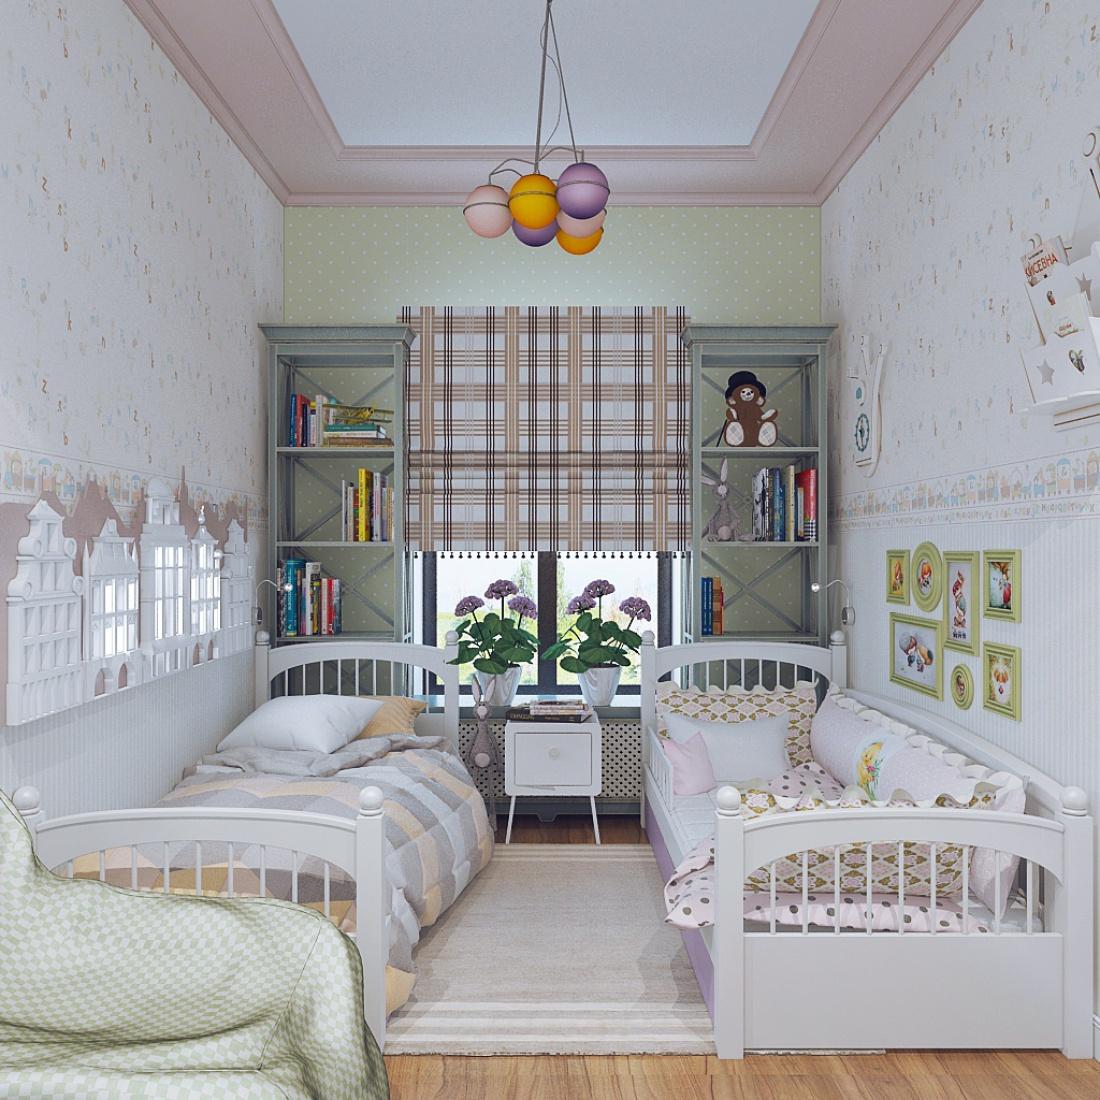 шторы в детскую для разнополых детей